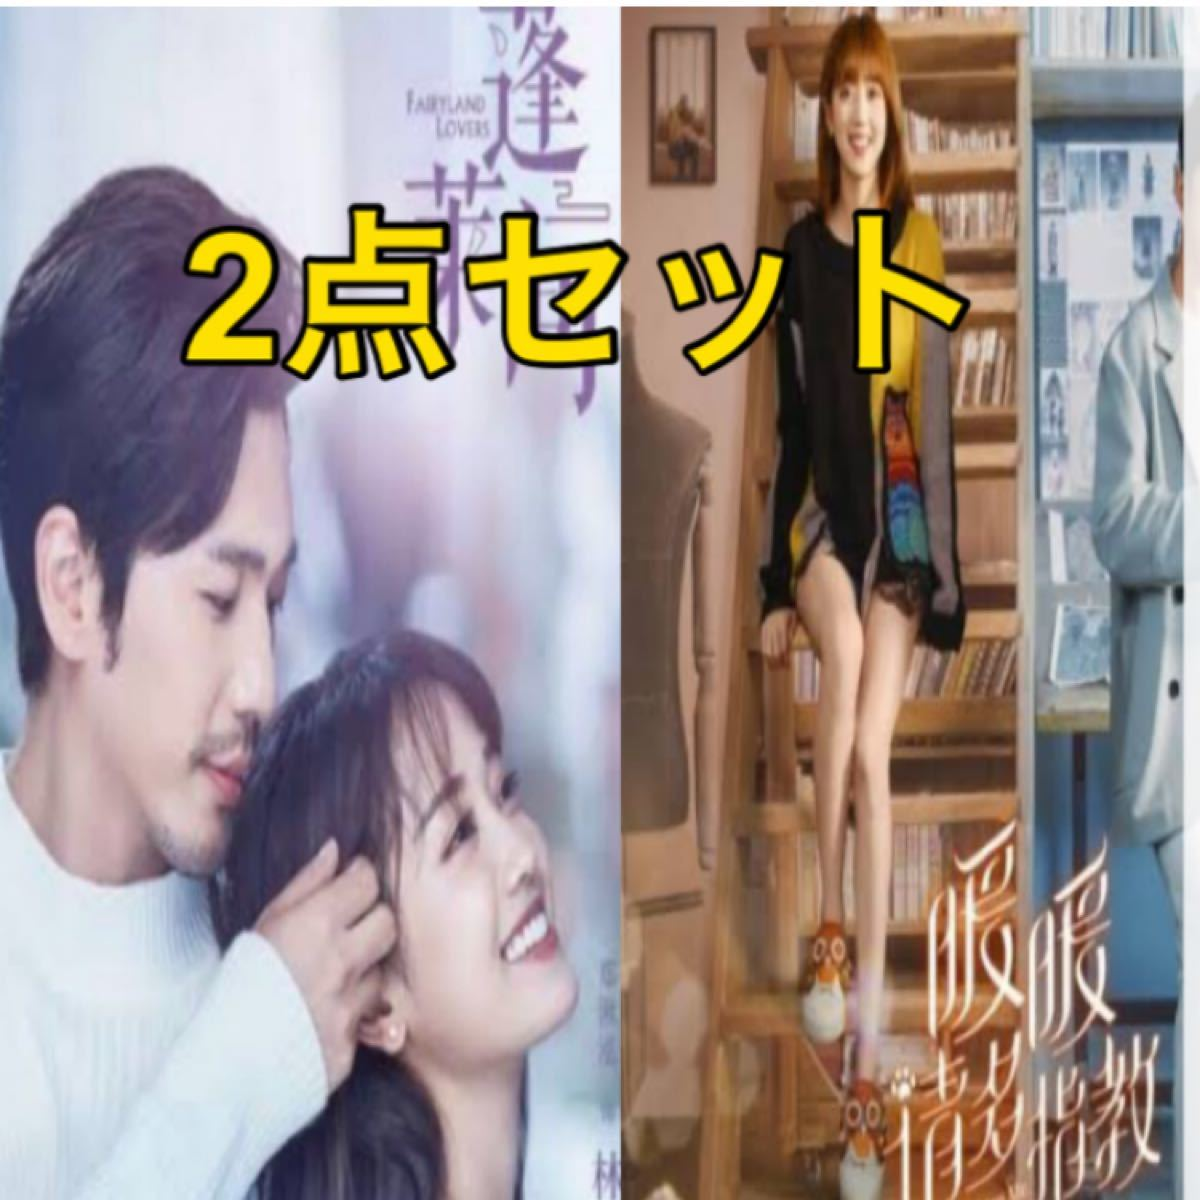 中国ドラマ 暖暖ちゃん、よろしく 蓬莱間 Fairyland Lovers  2点セット 全話 Blu-ray